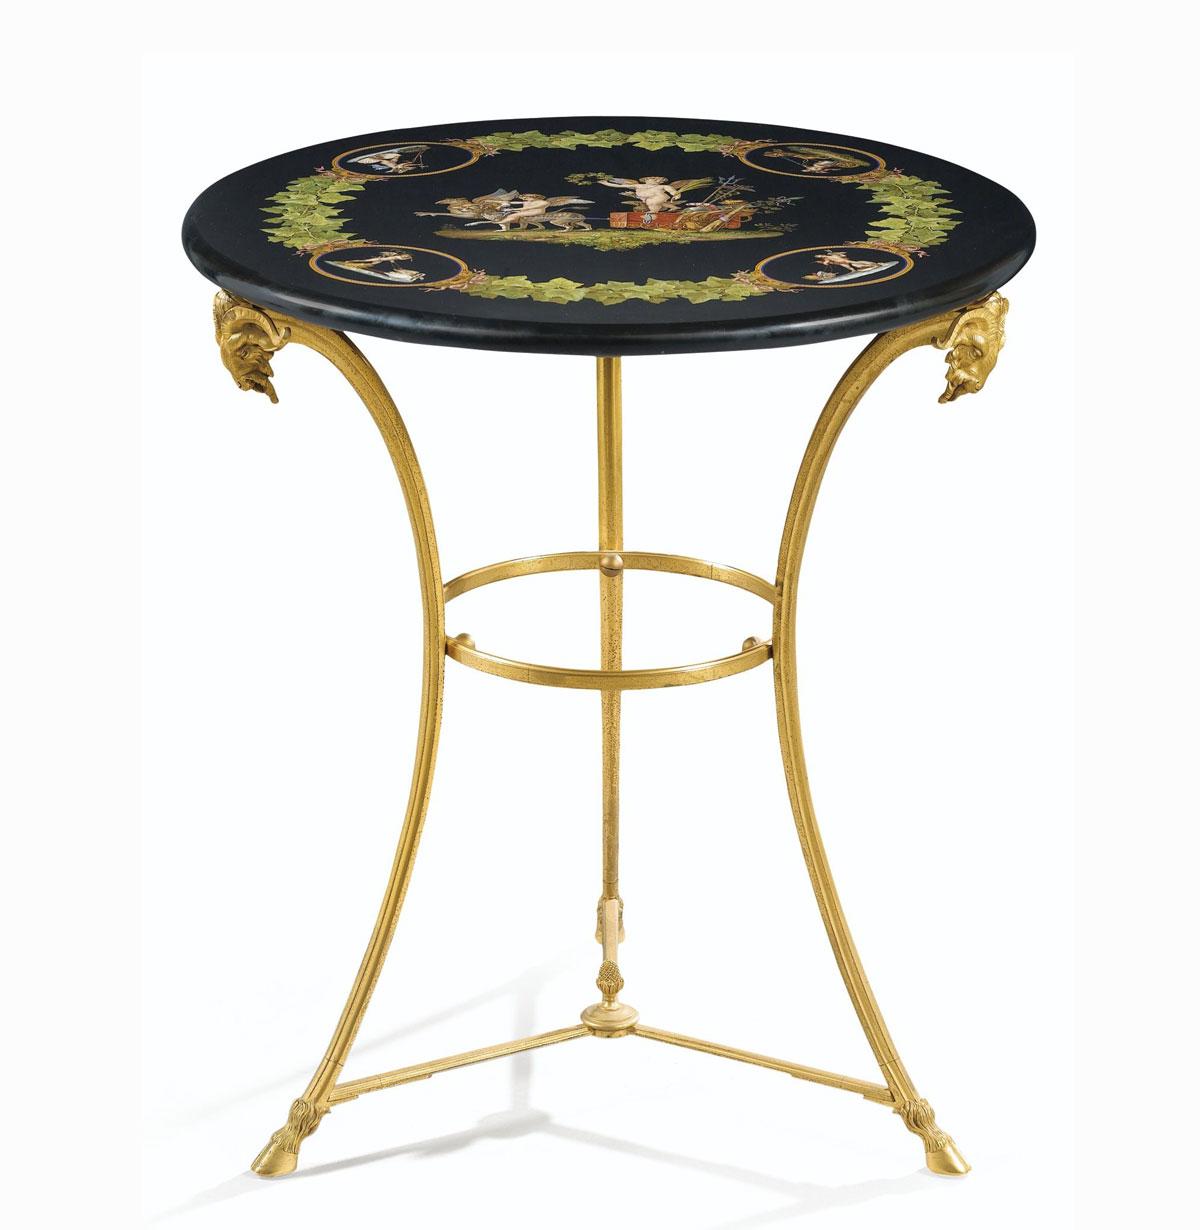 Meuble ancien, décoration, guéridon ancien bronze doré et marqueterie de marbre, prix achat vente, expertise,